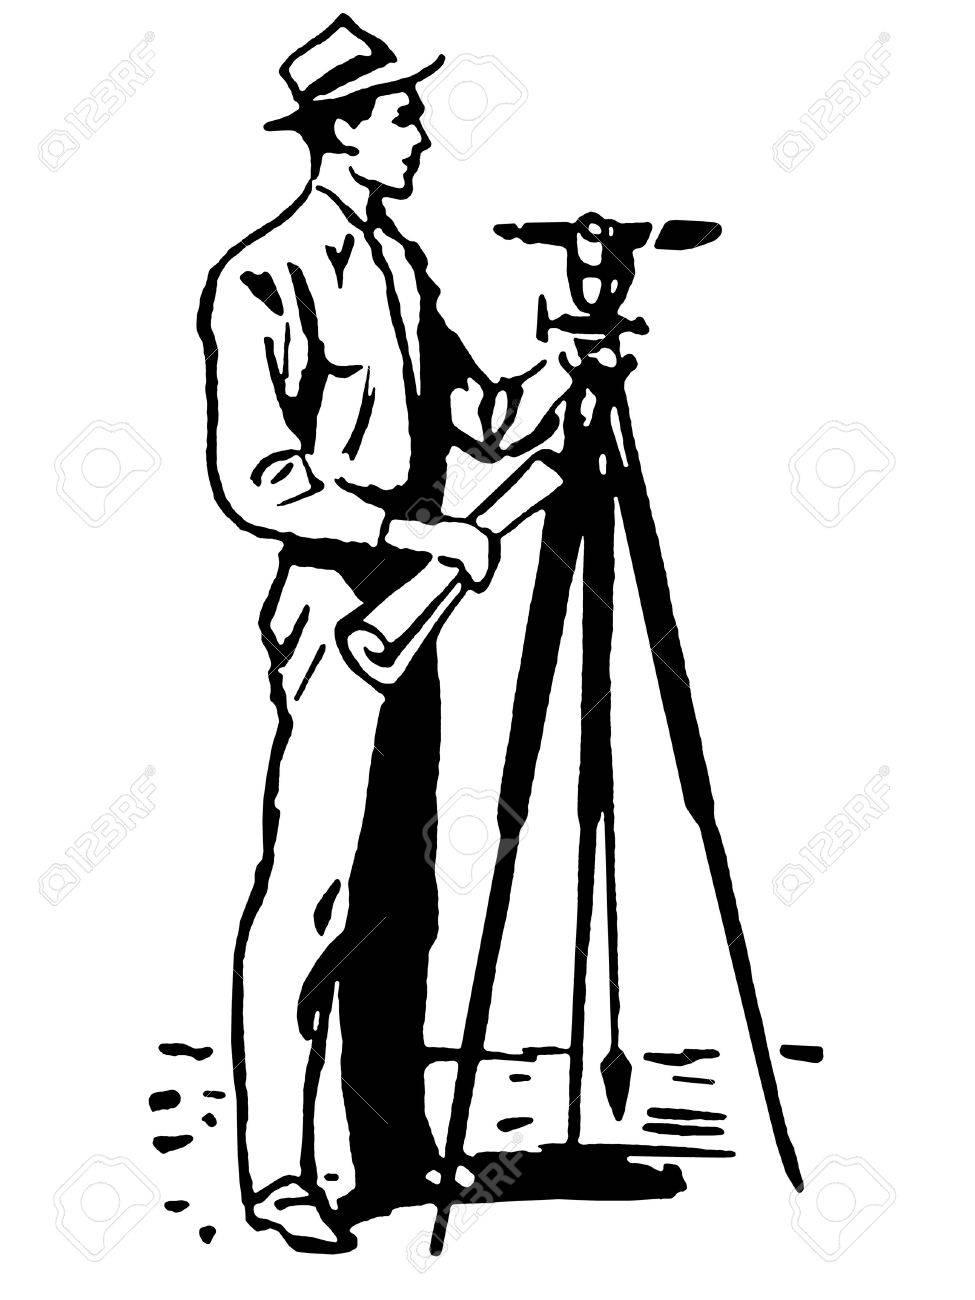 Surveyor Drawing